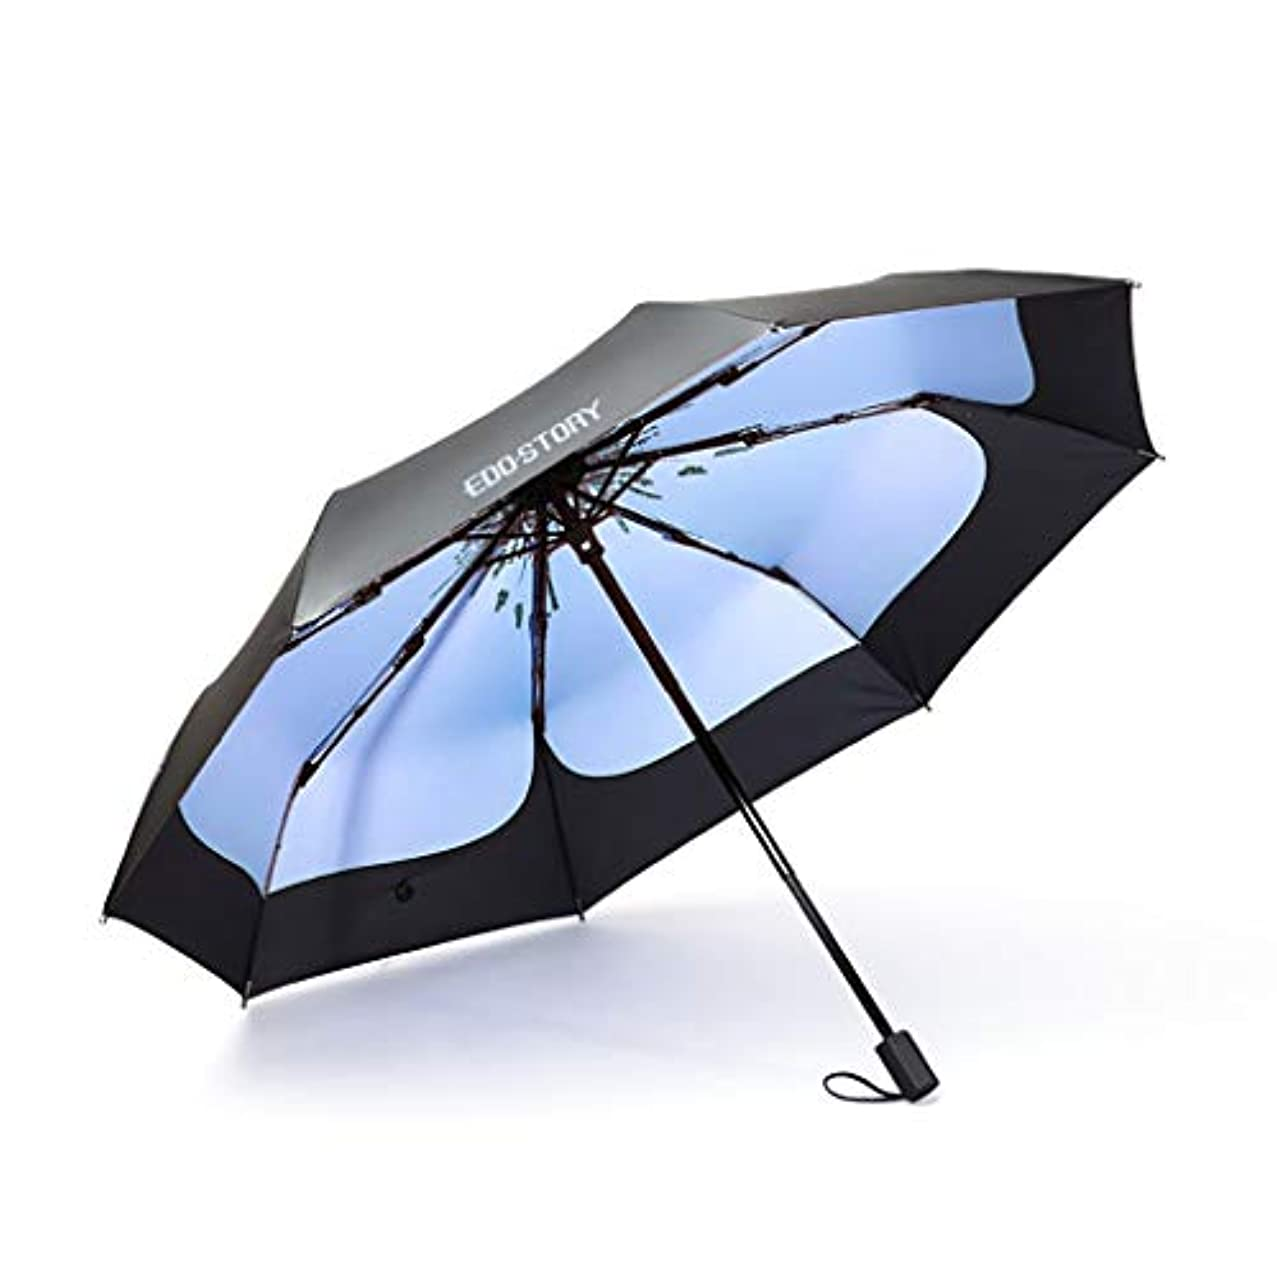 ライフル忌み嫌う害日傘日焼け止めUV折りたたみ傘デュアルユース超軽量小型ミニシンプルな雰囲気ファッション日焼け止め (色 : C)